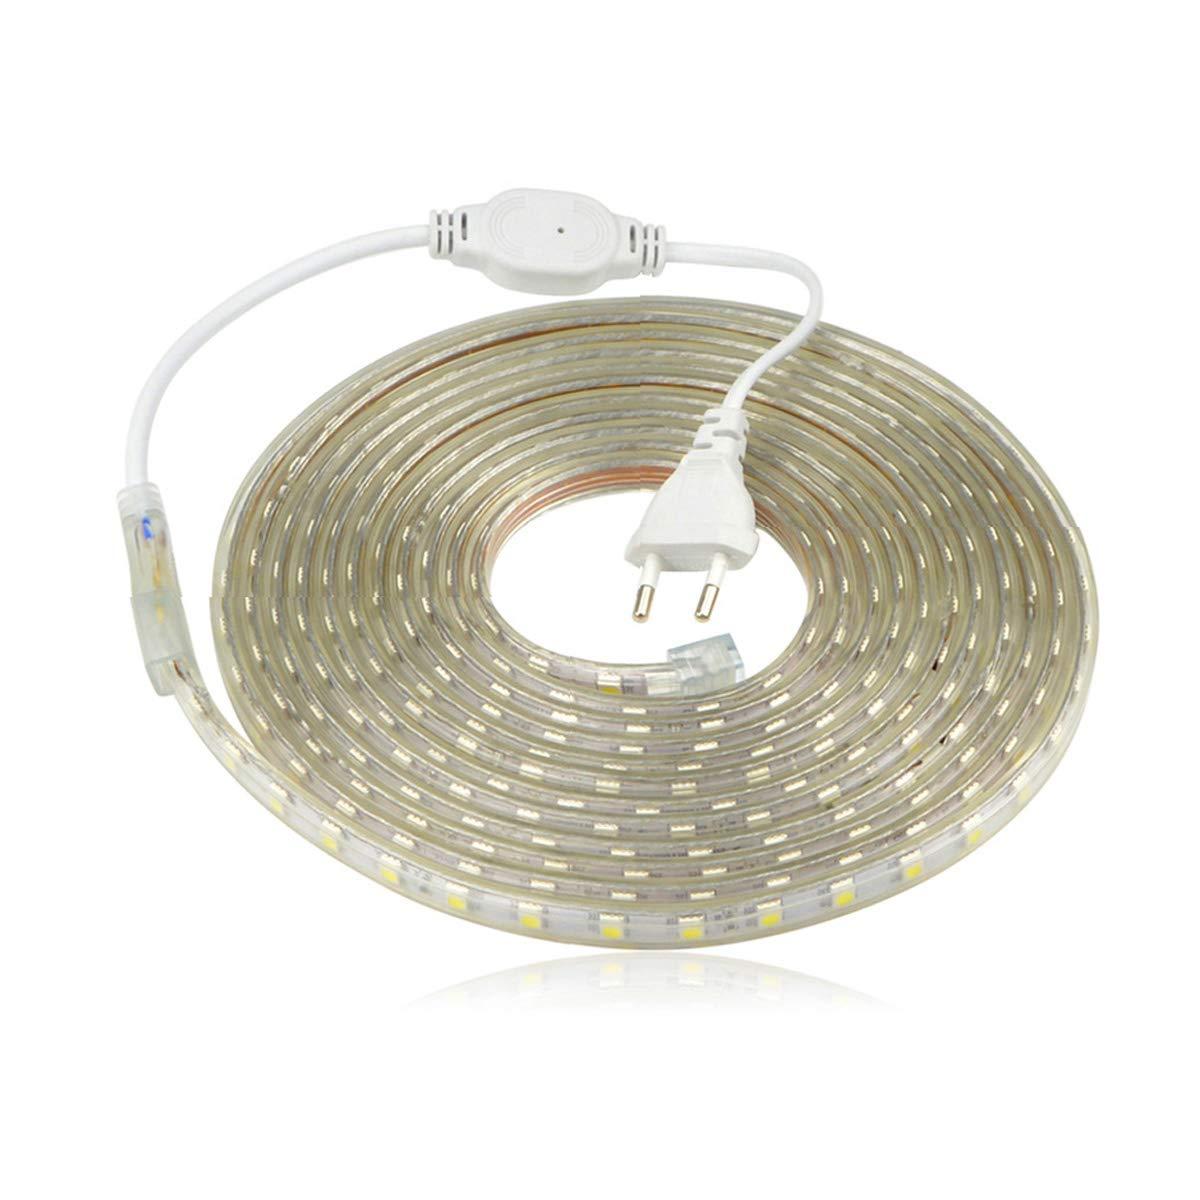 Ruban LED 220V AC 5050 IP68 étanche, High Bright Three Chips, LED Strip Light Très Lumineux Bandeau (12m) DUVERT